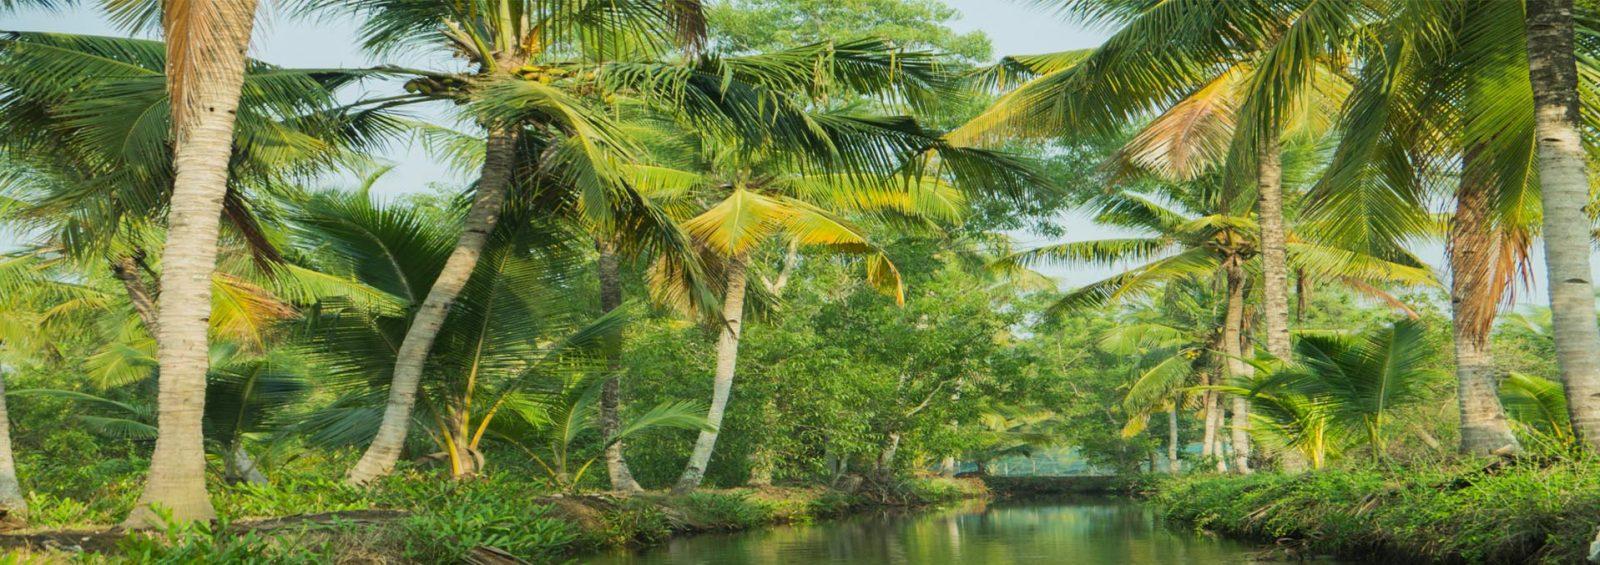 Island in Munnar